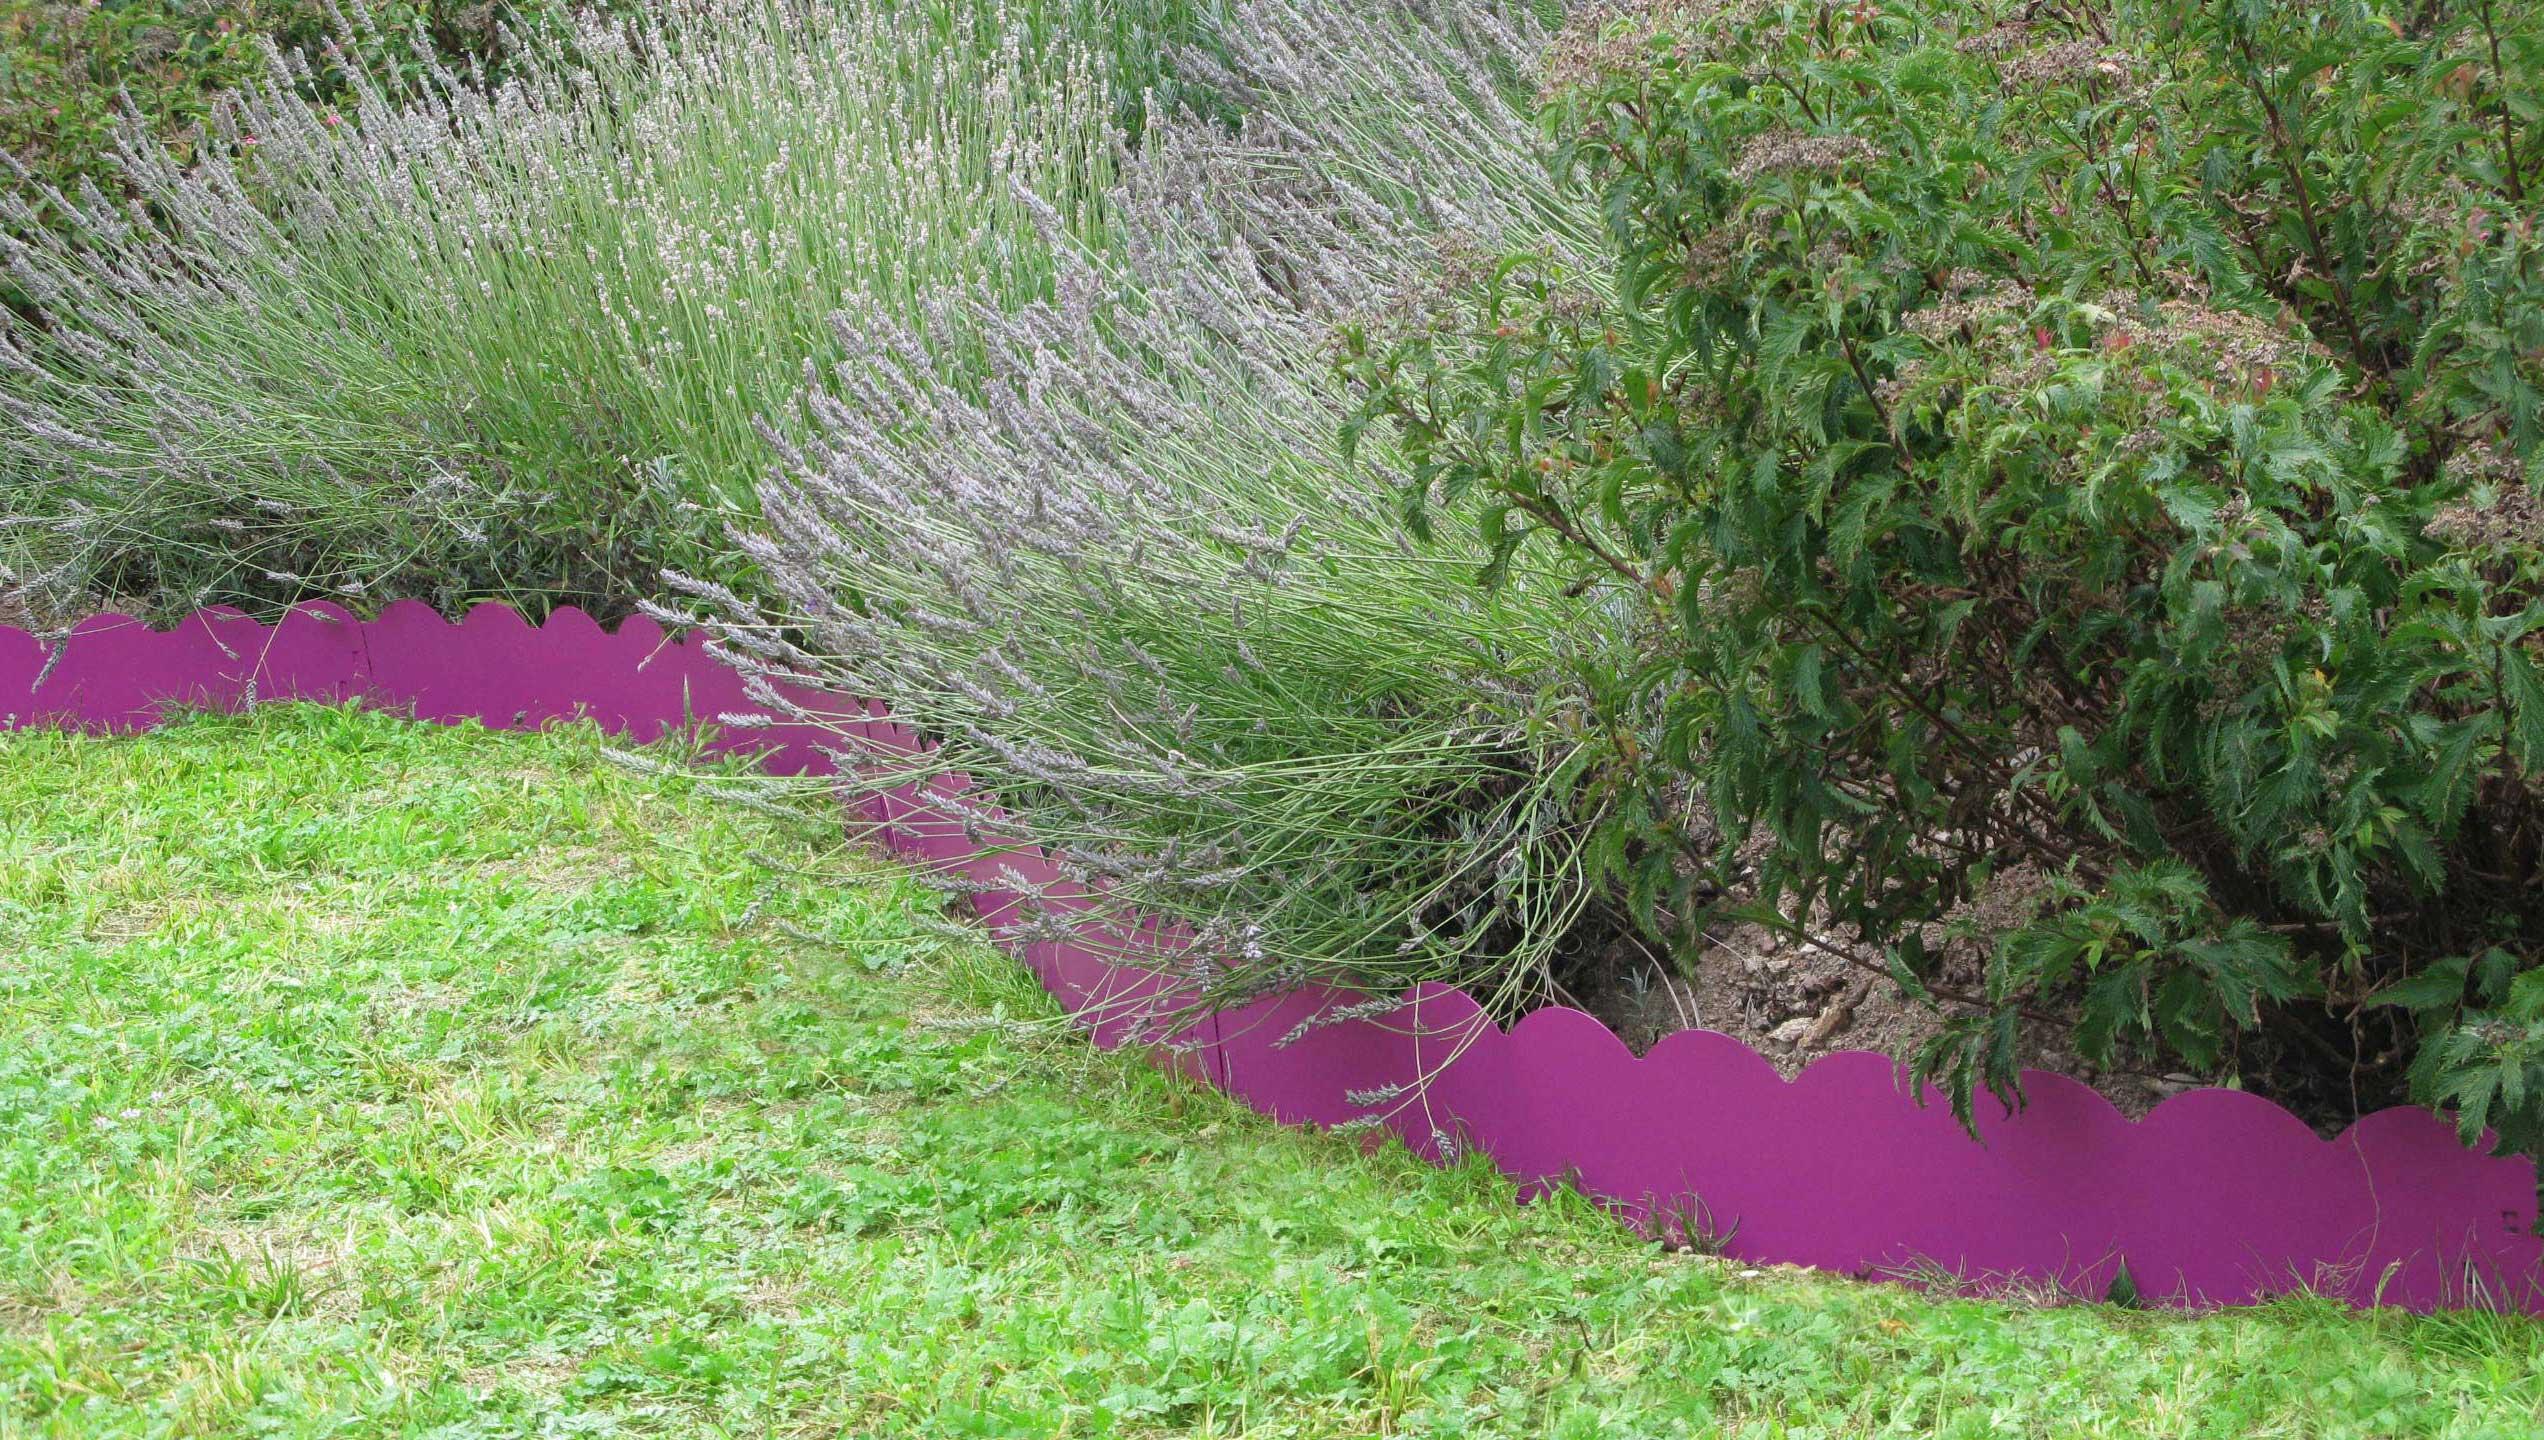 Les Conseils Pratiques De Jardin Et Saisons Pour Installer ... serapportantà Bordure De Jardin En Acier Galvanisé